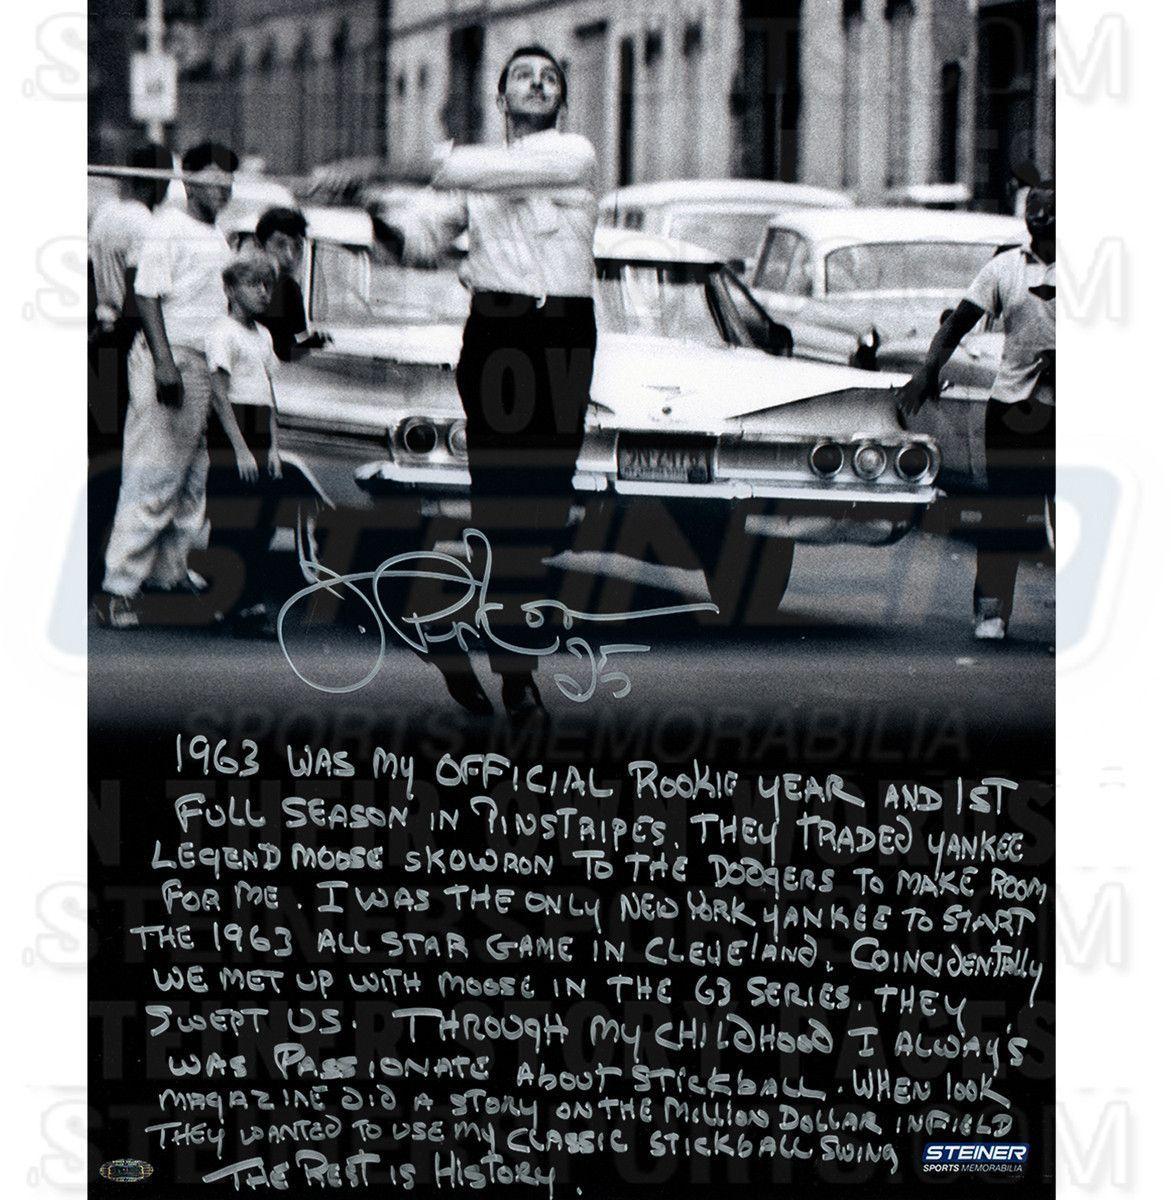 Joe Pepitone Signed Stick Ball 16x20 Story Photo